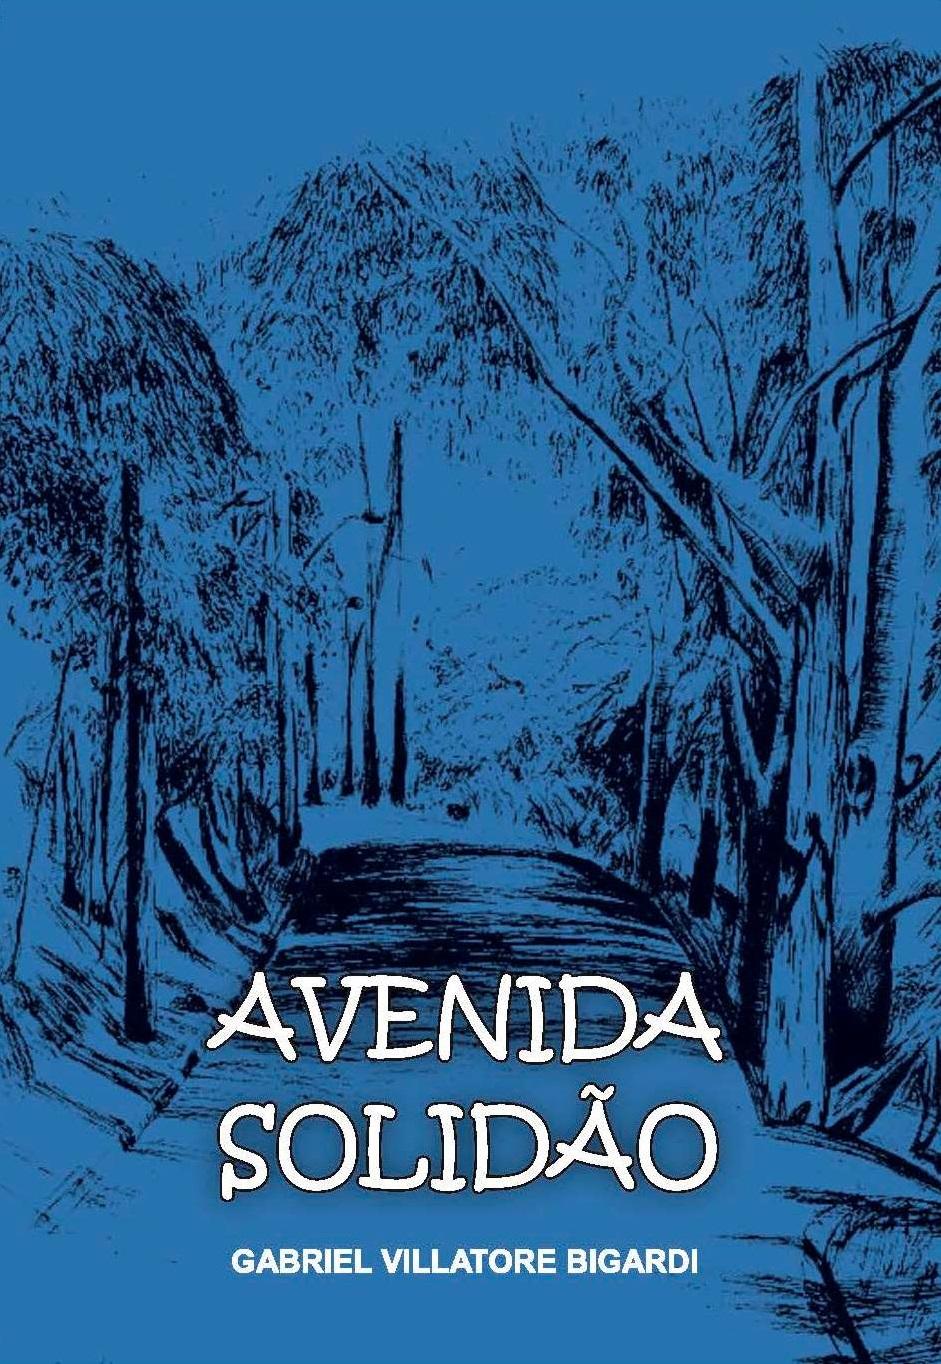 LANÇAMENTO DE AVENIDA SOLIDÃO, PRIMEIRO LIVRO DE GABRIEL VILLATORES BIGARDI 1b51df8e08